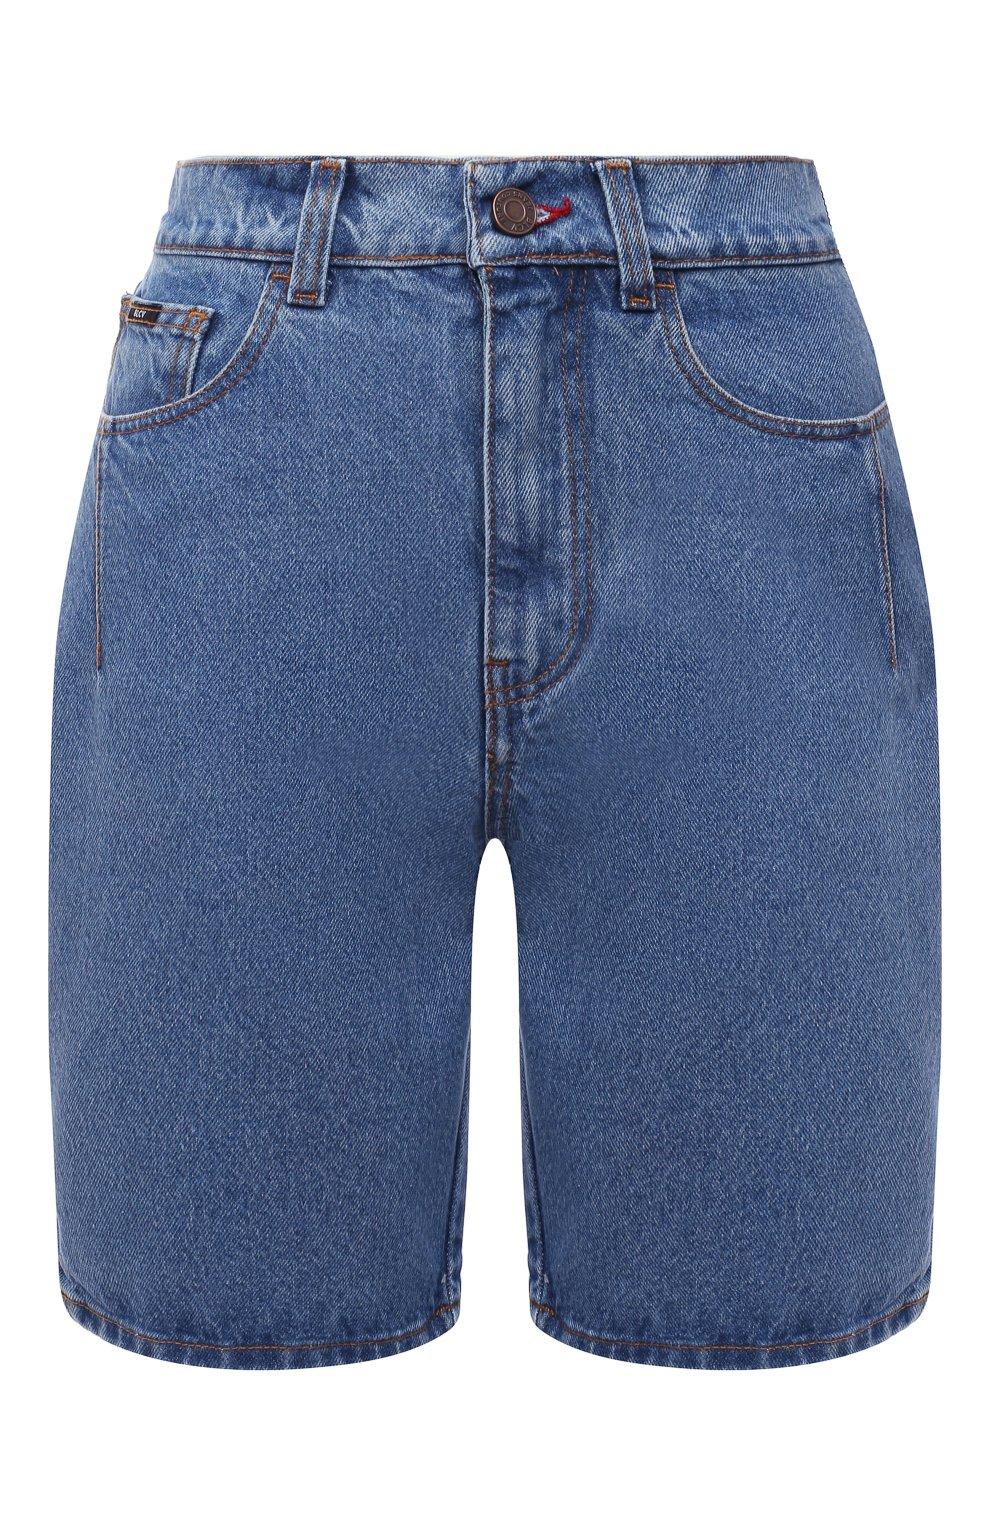 Женские джинсовые шорты BLCV голубого цвета, арт. 1243VH | Фото 1 (Женское Кросс-КТ: Шорты-одежда; Кросс-КТ: Деним; Длина Ж (юбки, платья, шорты): Мини; Материал внешний: Хлопок; Стили: Спорт-шик)